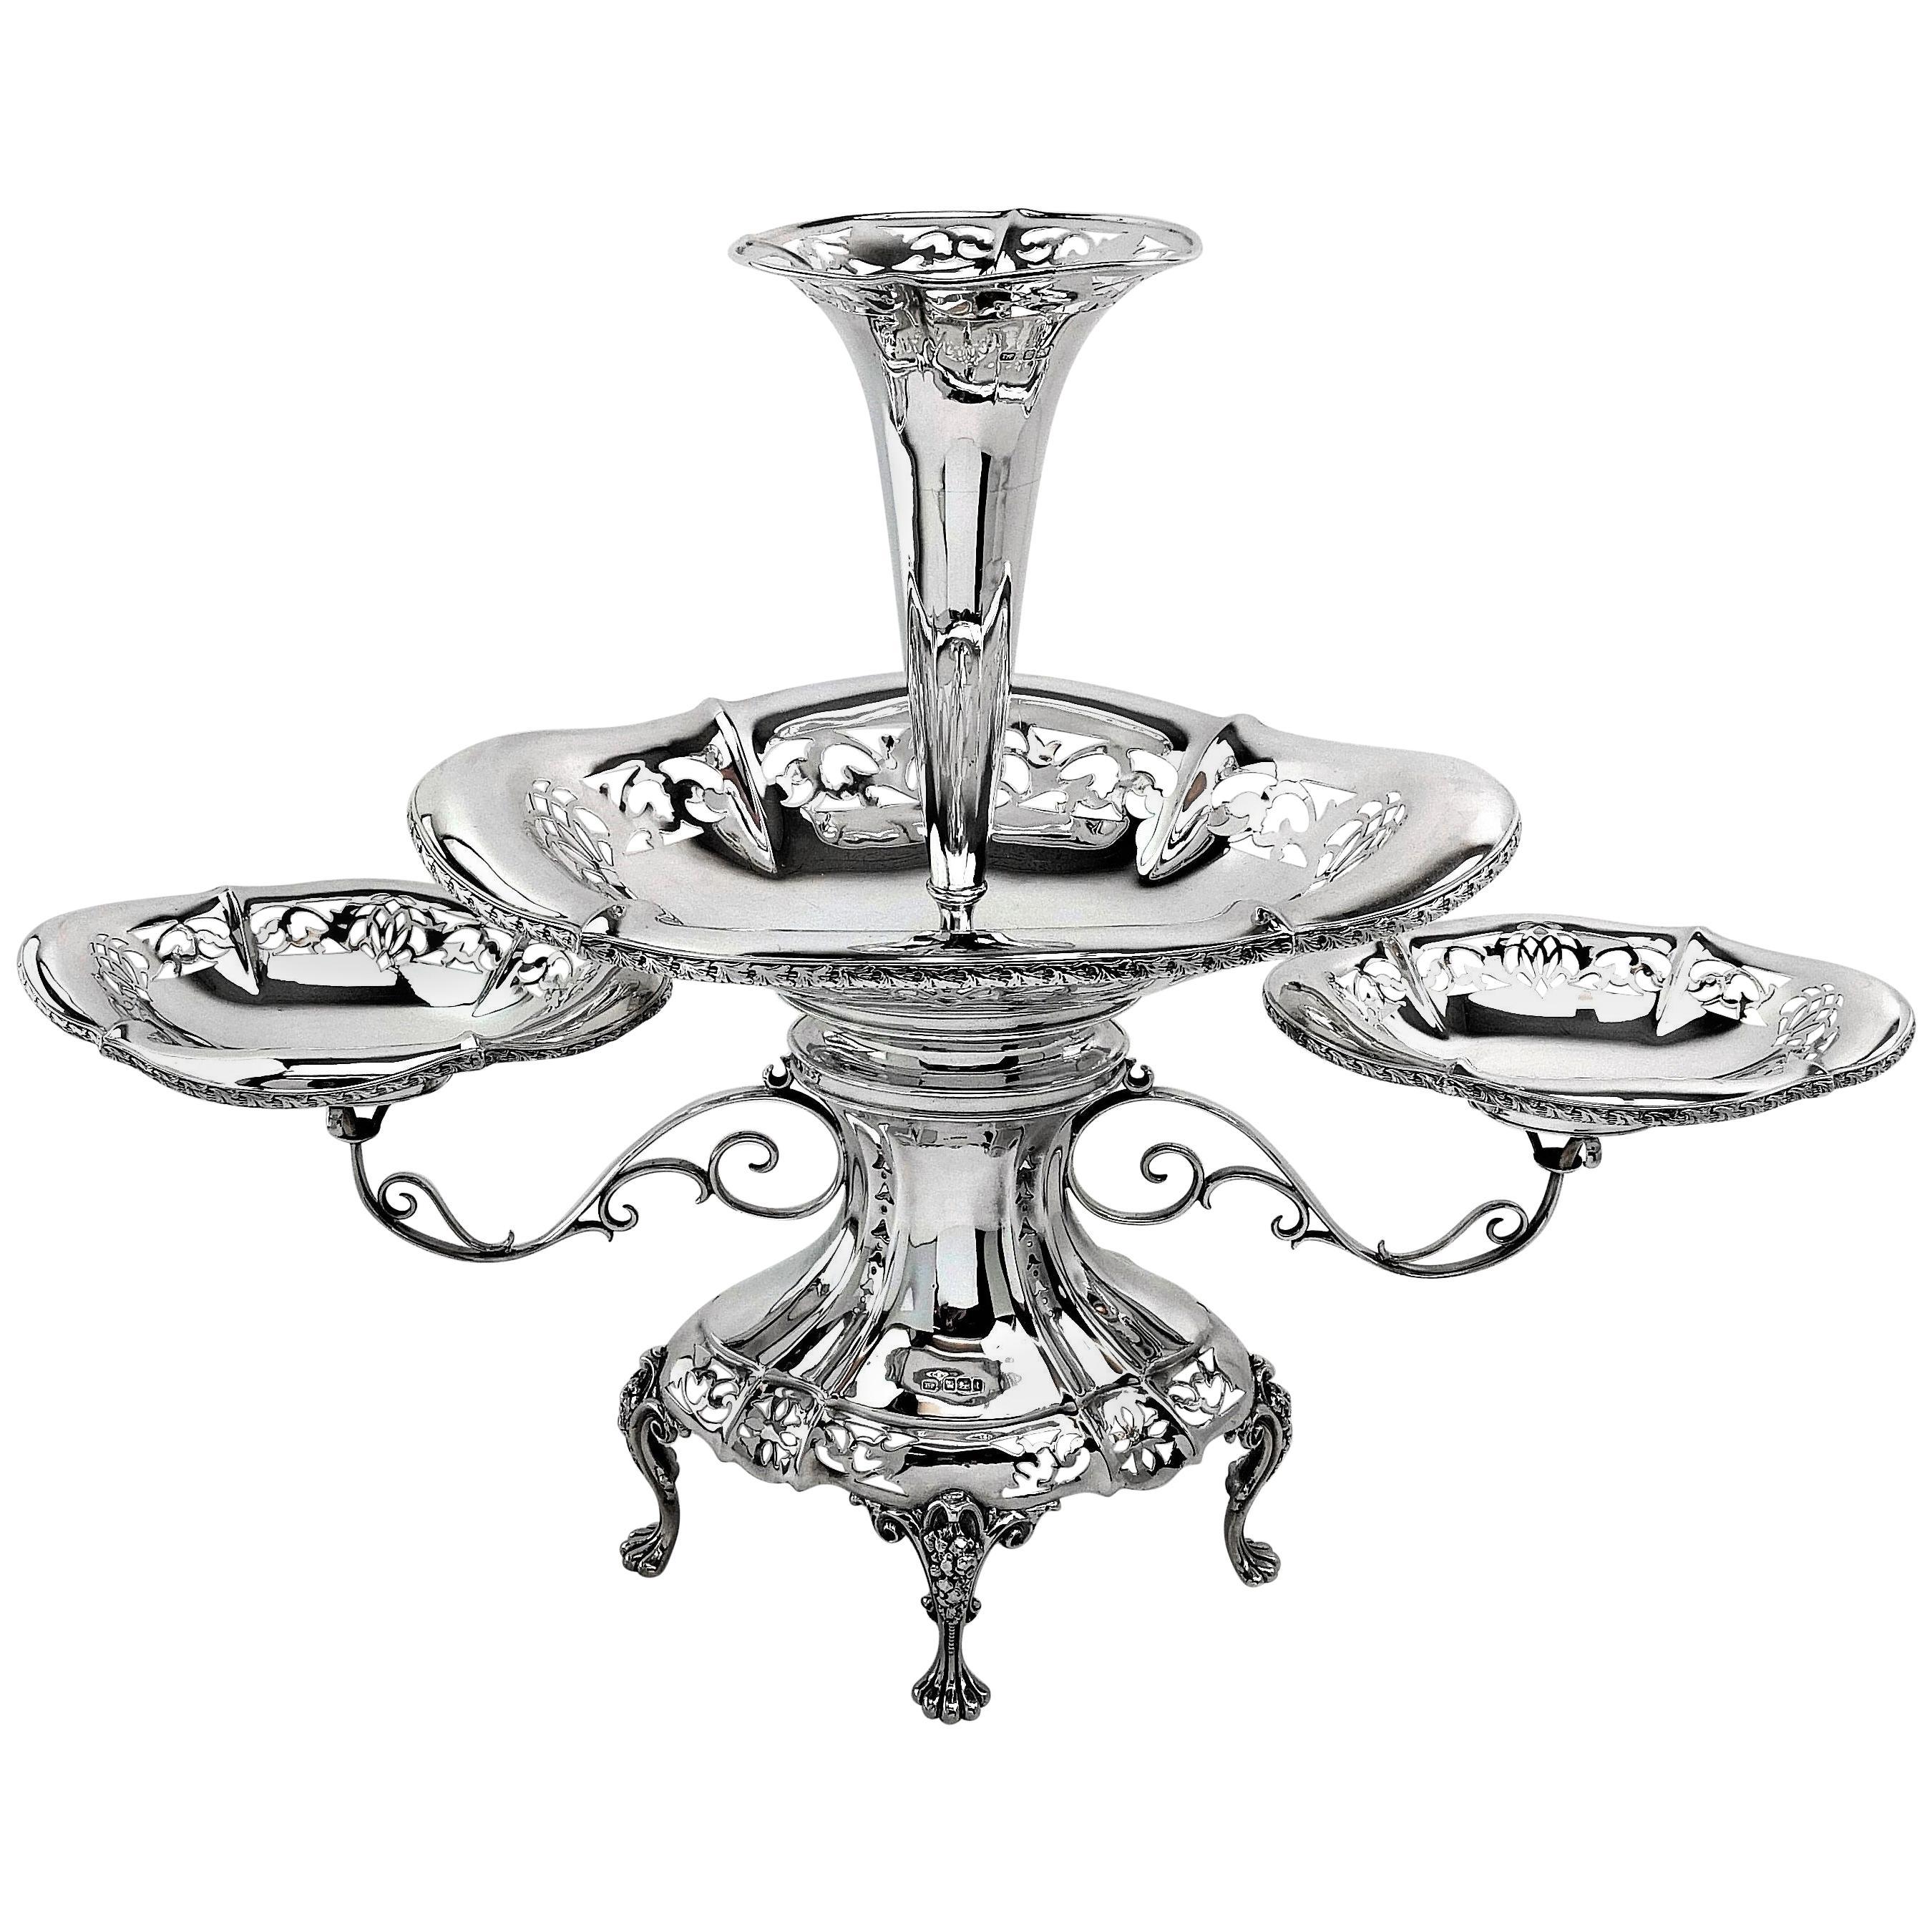 Antique Sterling Silver Epergne / Centrepiece / Vase 1911